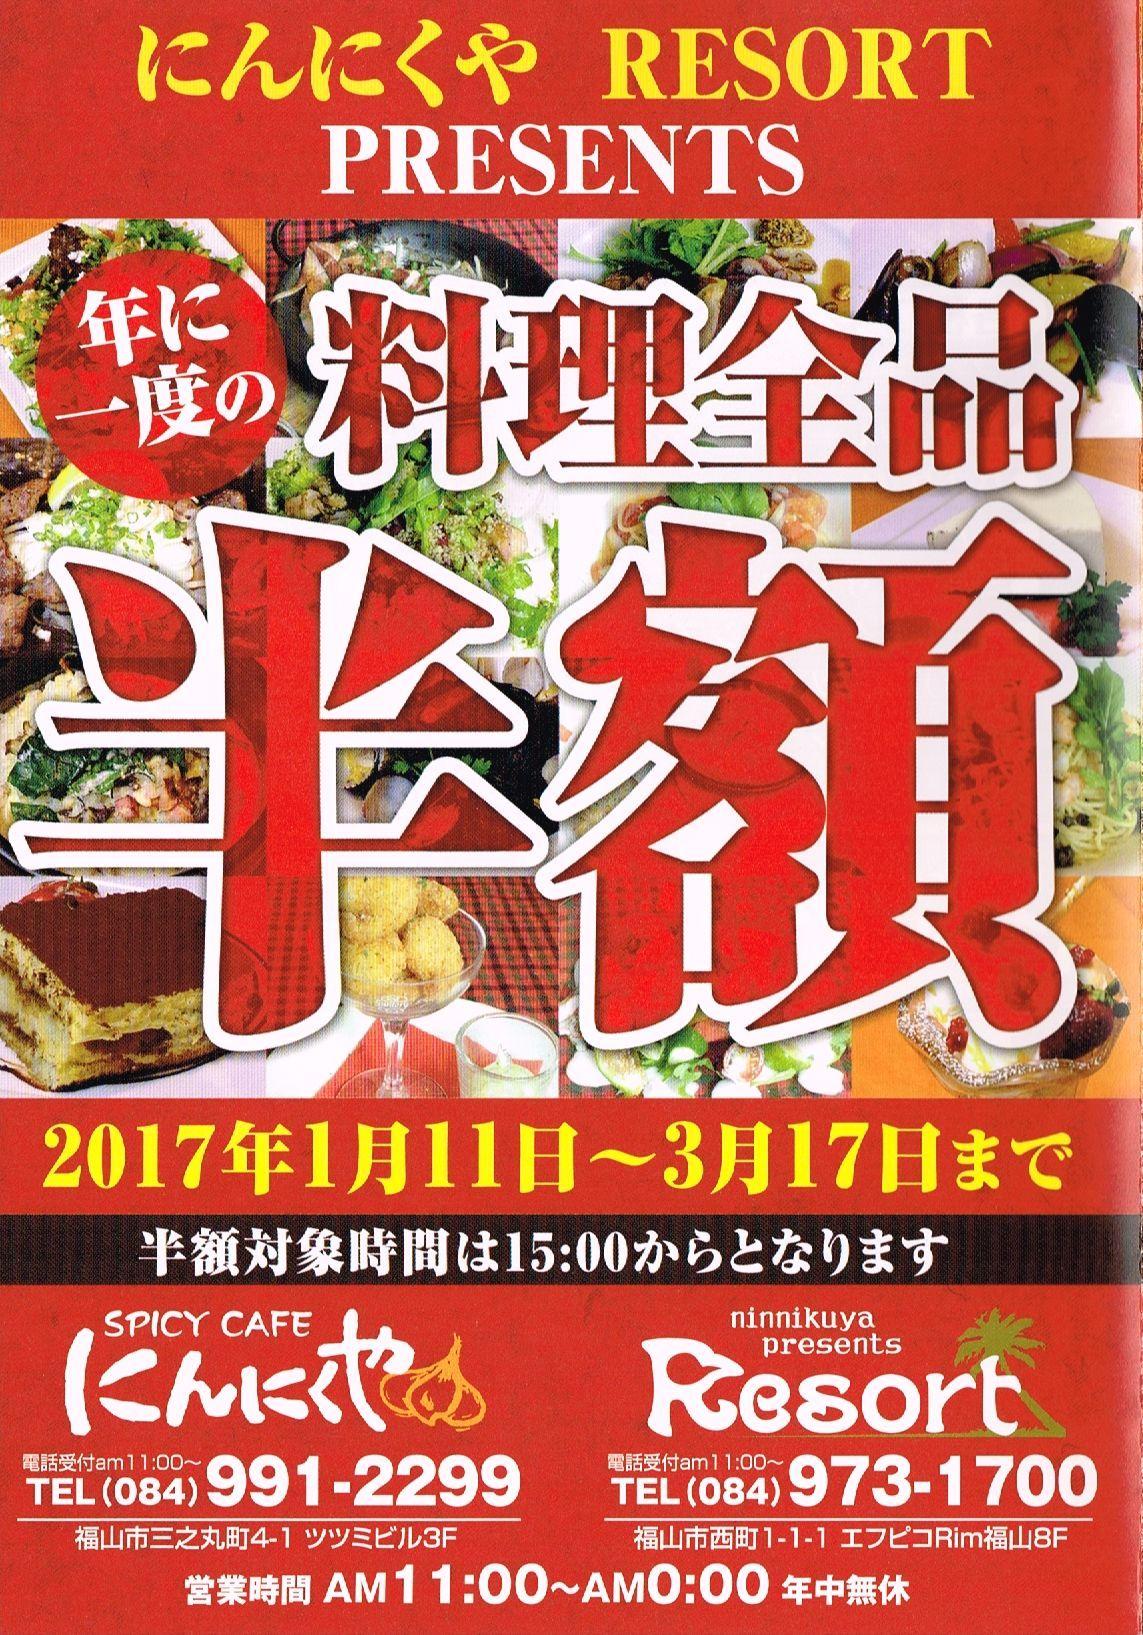 「にんにくや」から『年に一度の料理全品半額』PRESENTSのお知らせ